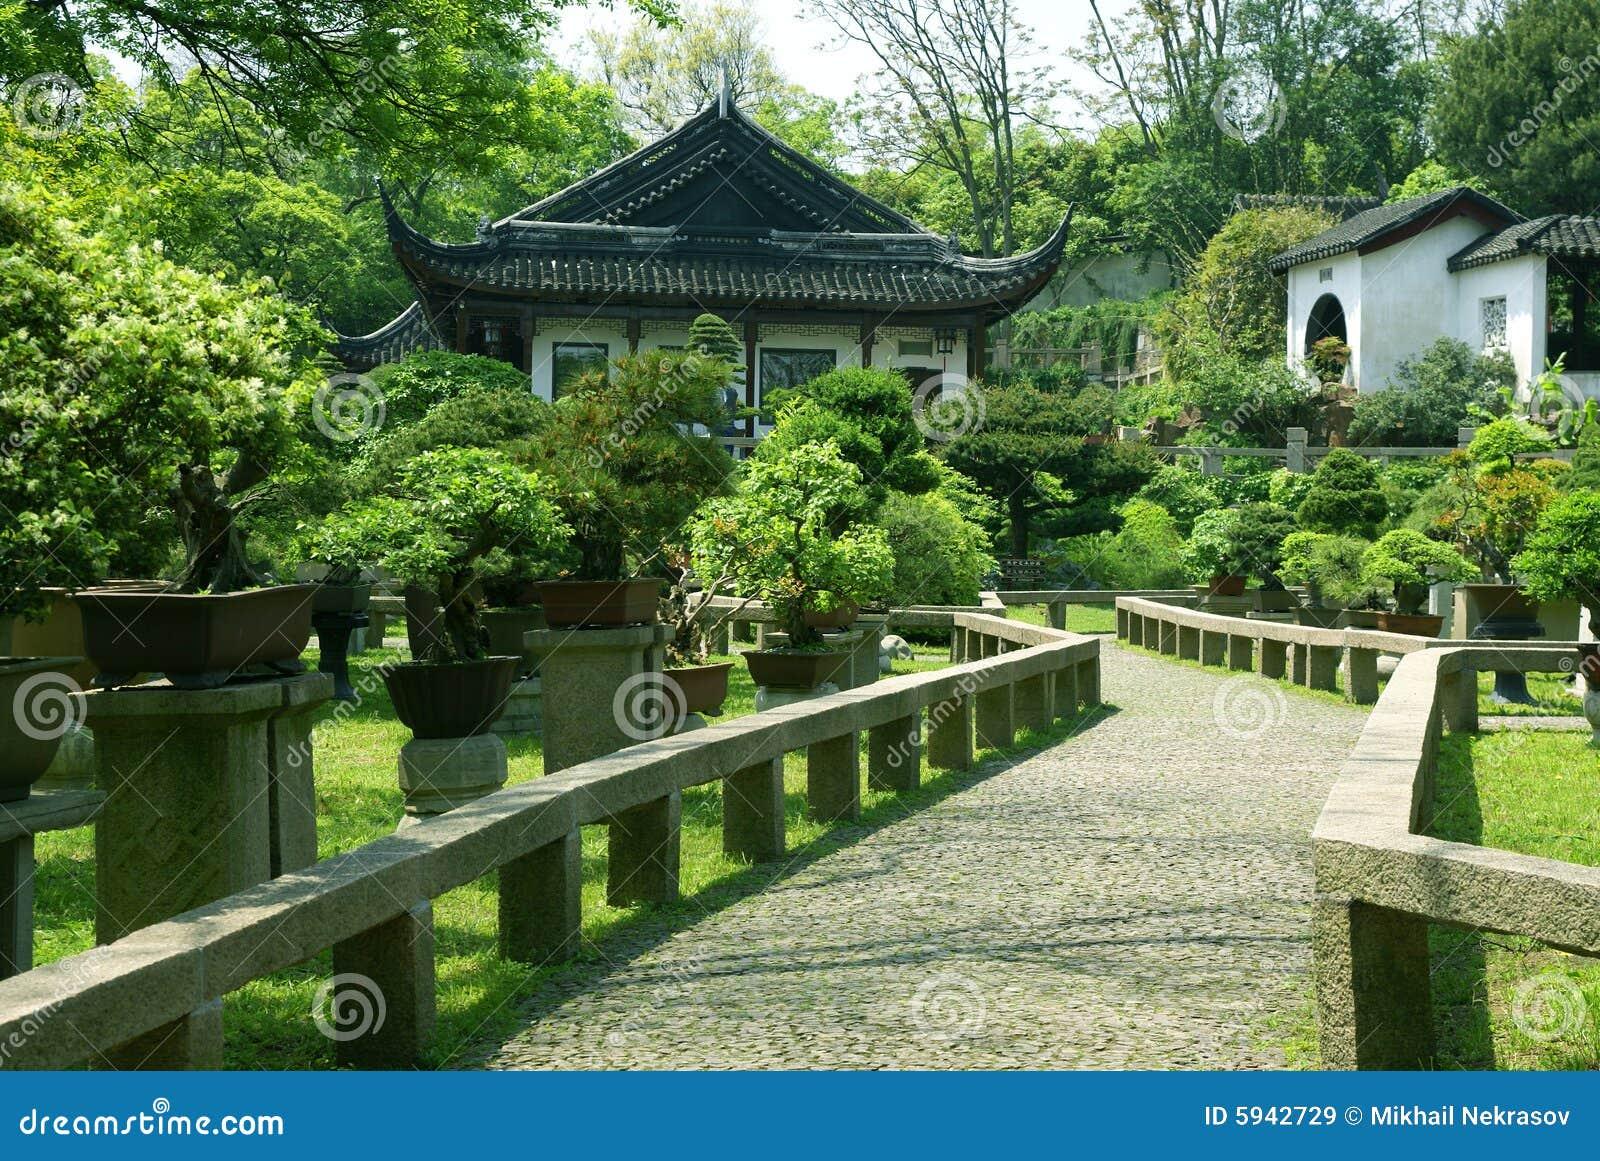 Alberi dei bonsai al giardino tradizionale cinese immagini for Giardino cinese